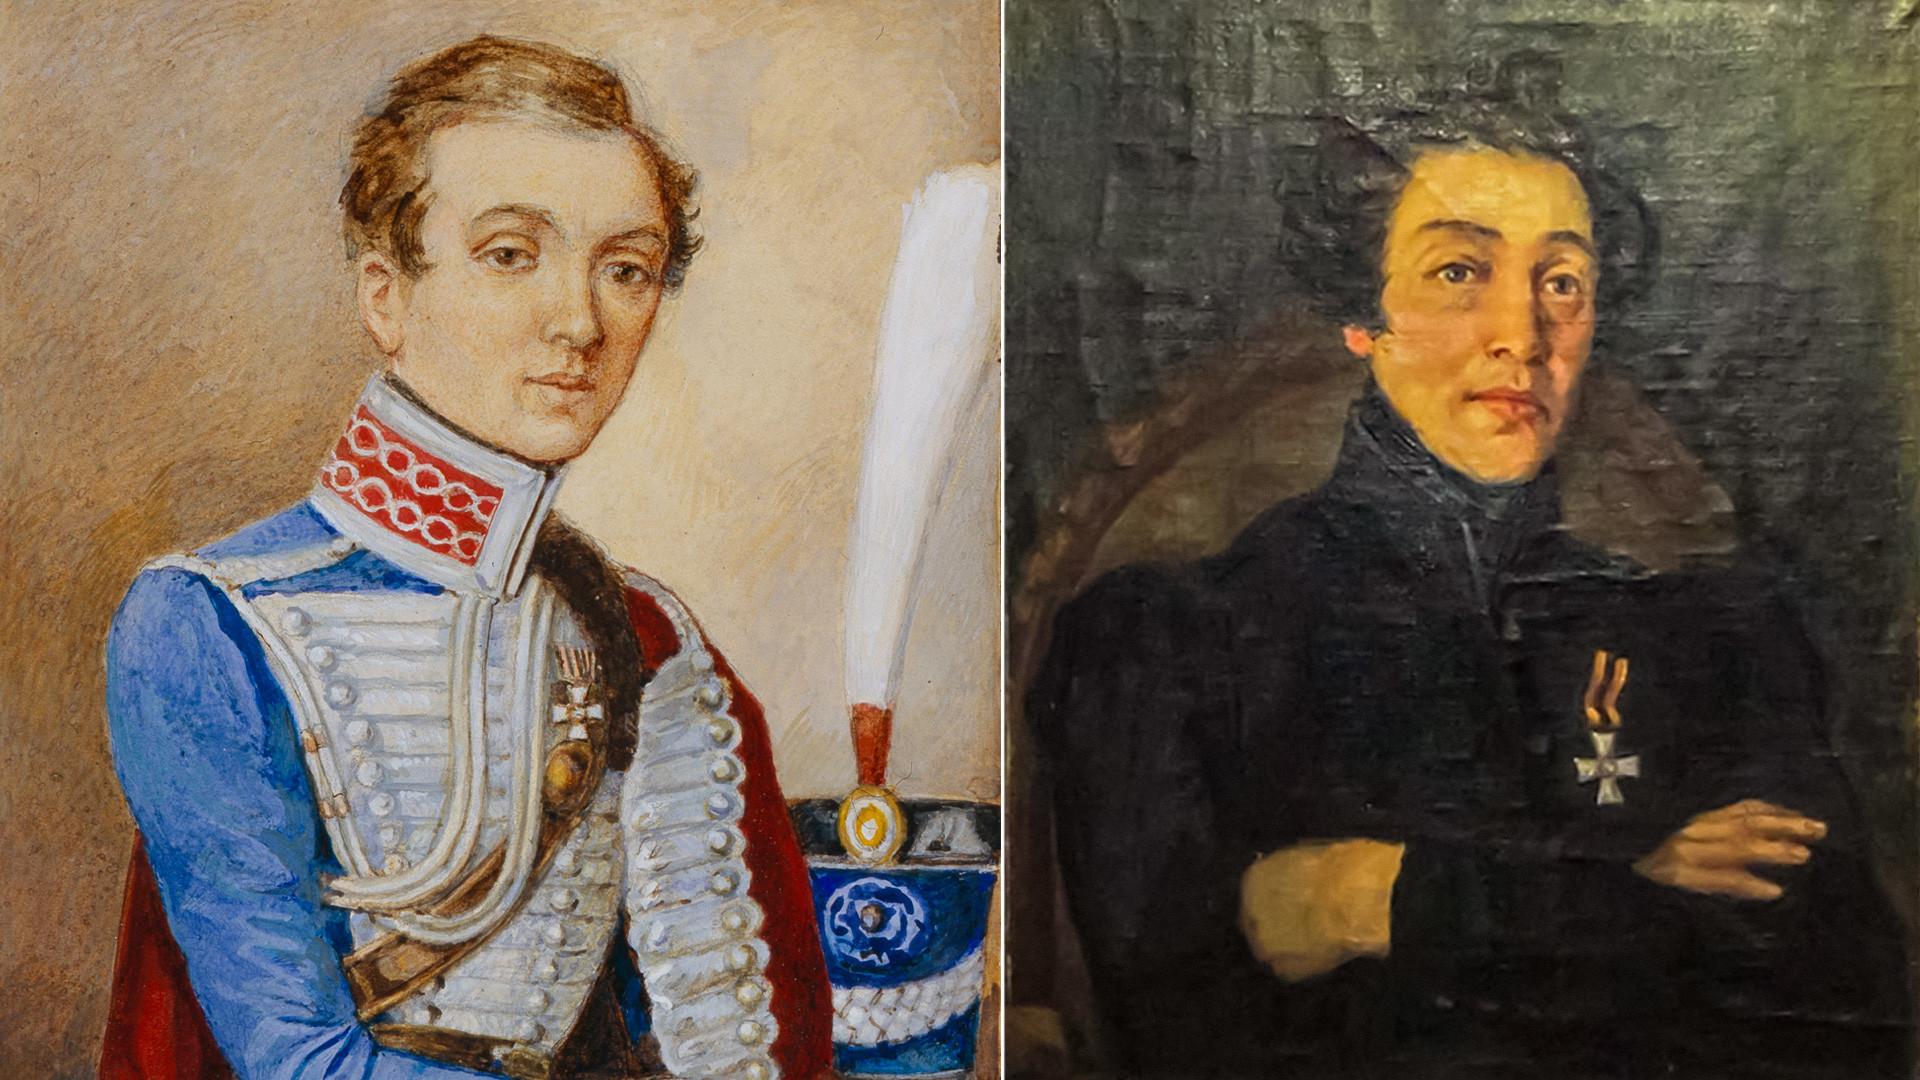 Nadezhda Durova pada 1810, dari koleksi Museum Borodino (kiri). Potret Nadezhda Durova oleh Viktor Kudelkin, 1953 (kanan).